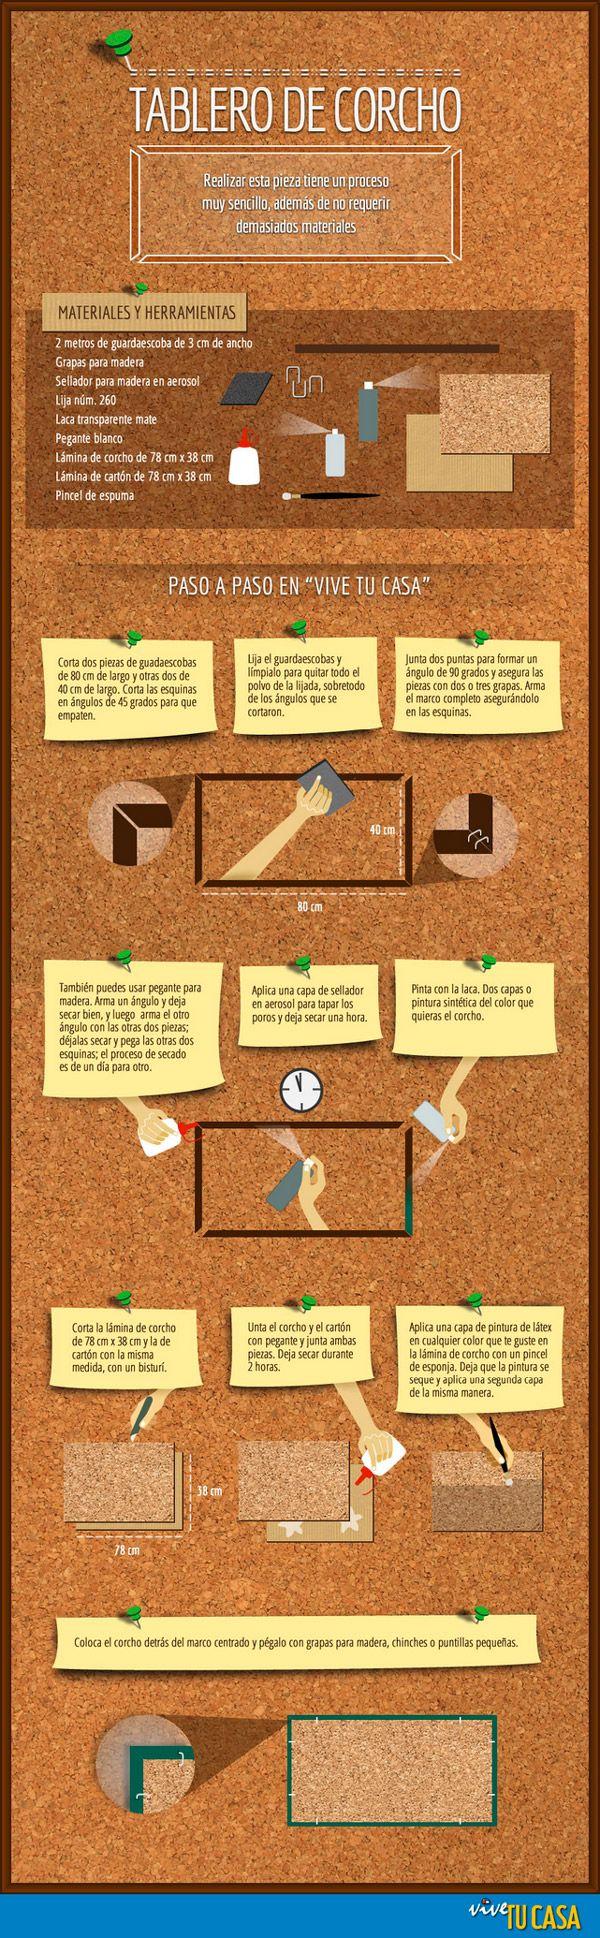 Esta es una idea para la renovación de tu cocina ¡pon en marcha tu creatividad! Este corcho puede ser super útil para poner todas tus recetas y recordatorios.